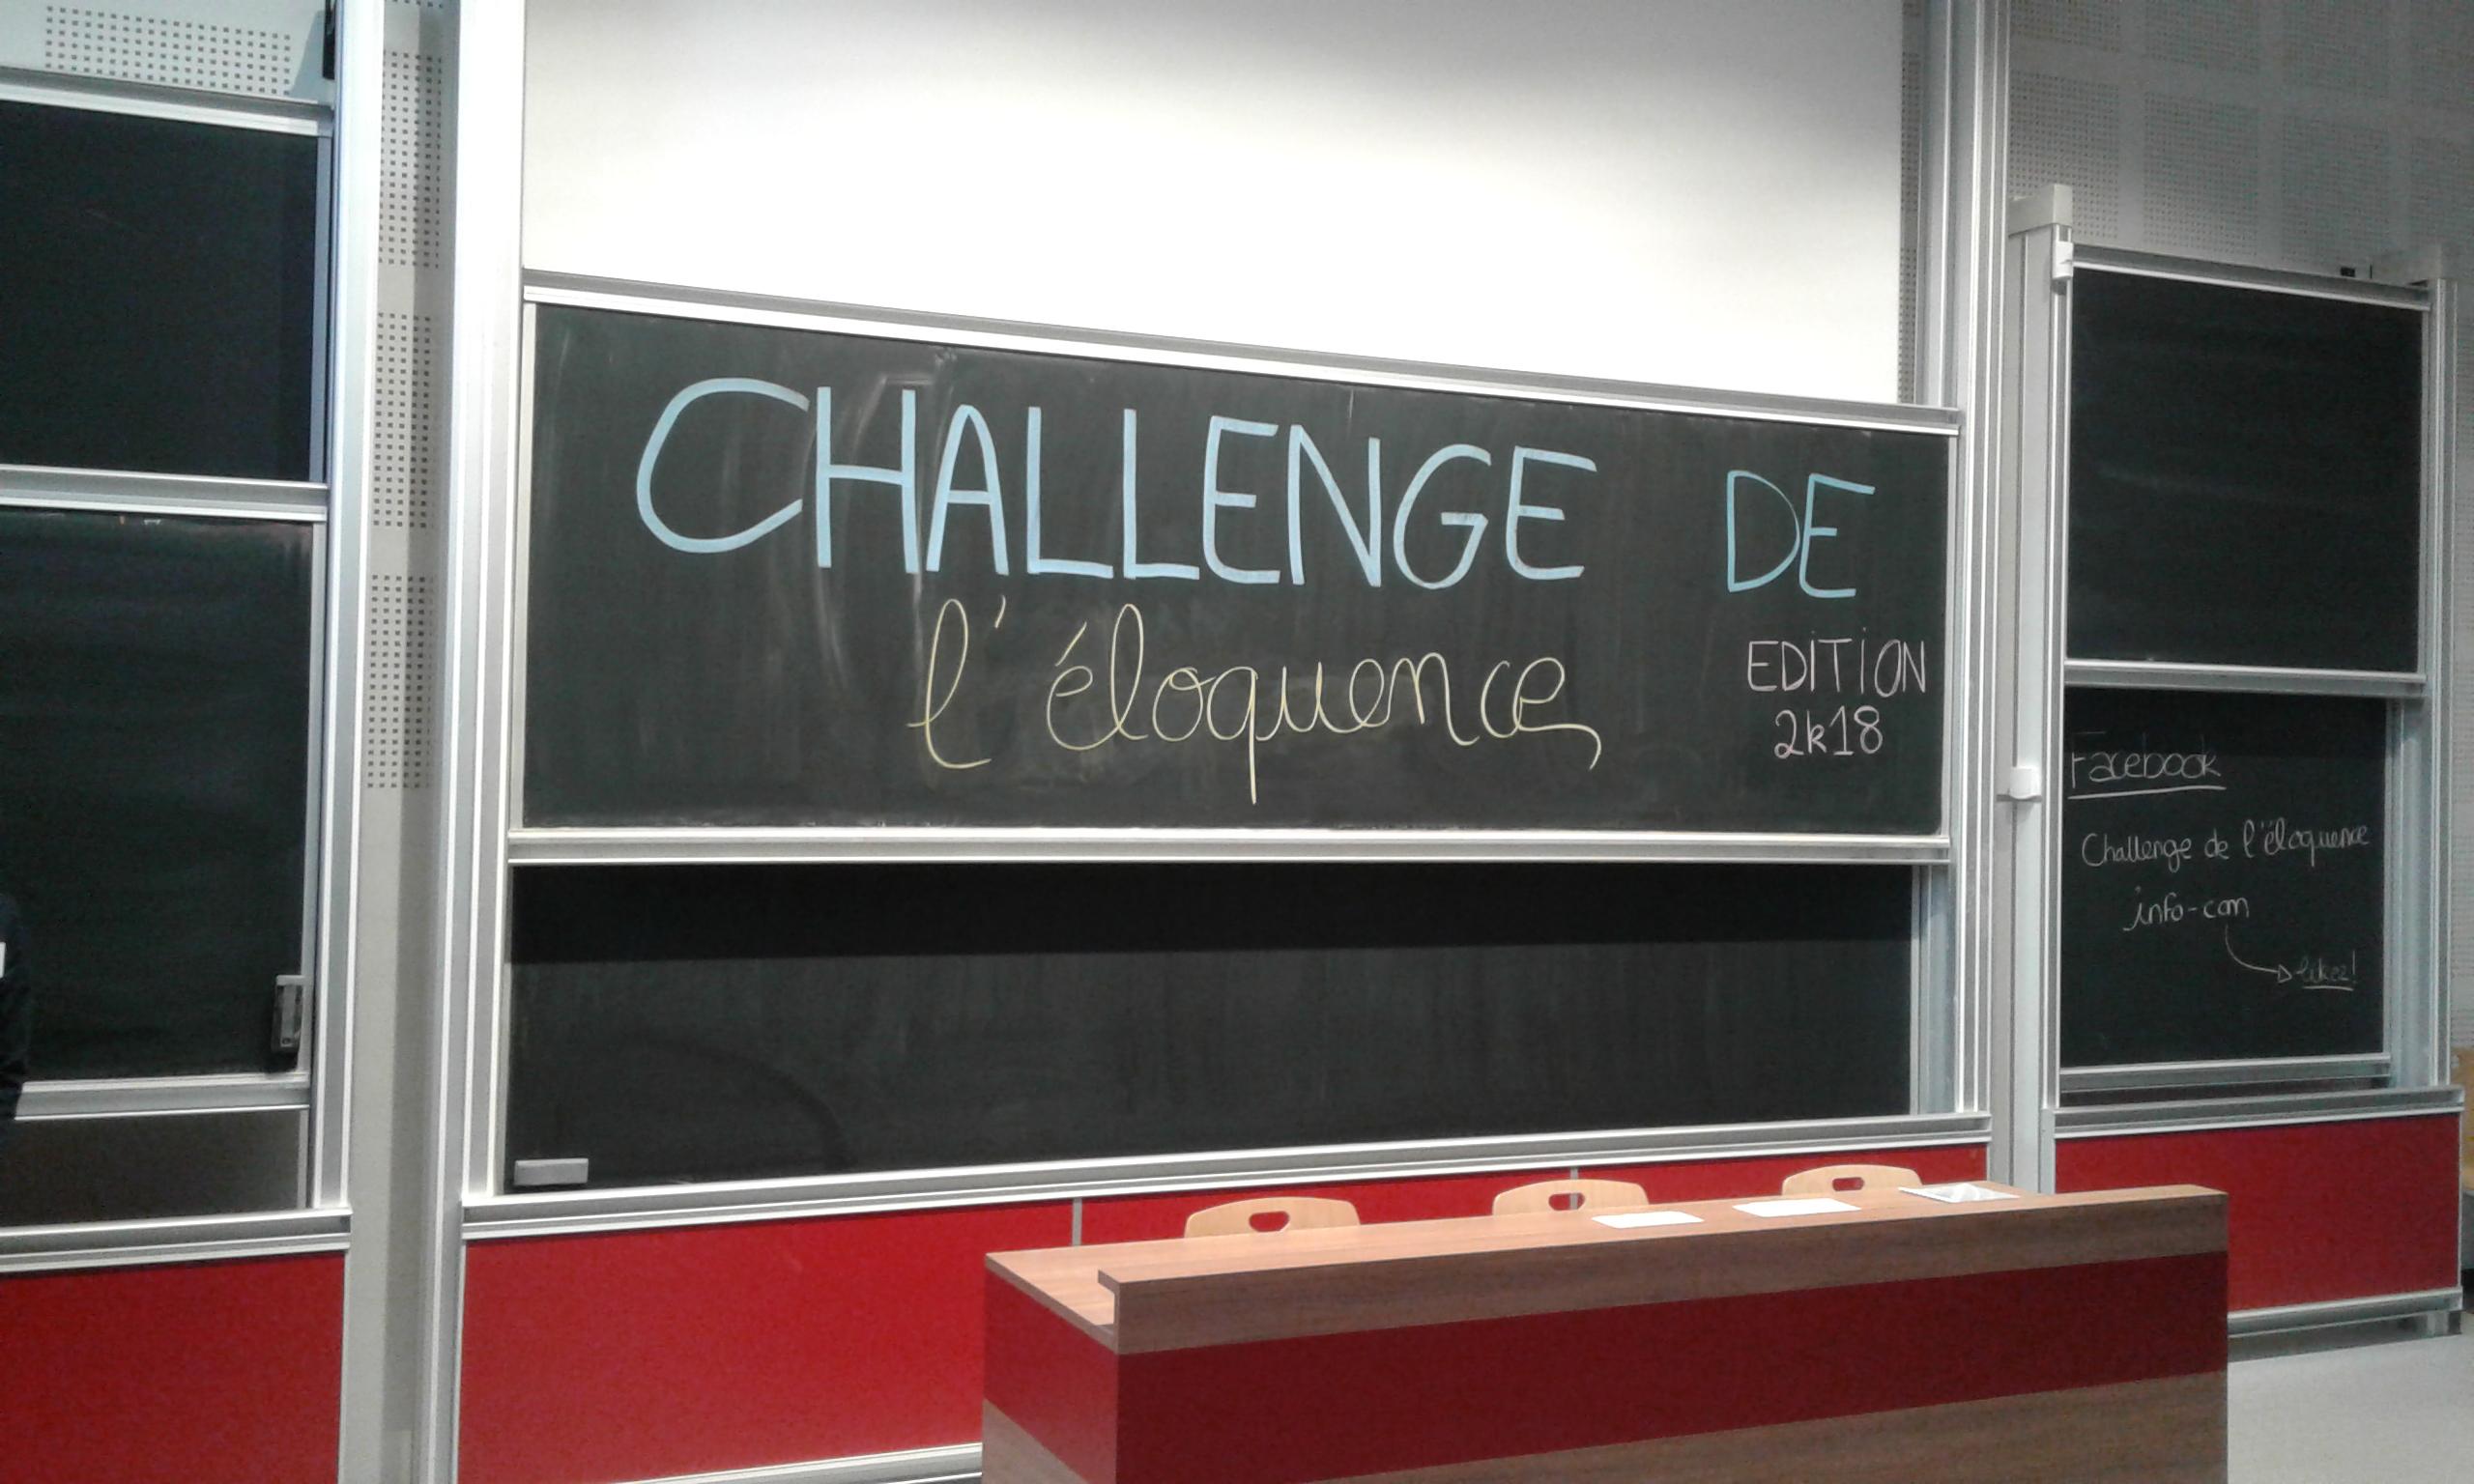 Première édition Du Concours «Challenge De L'éloquence» De L'IUT Info Com